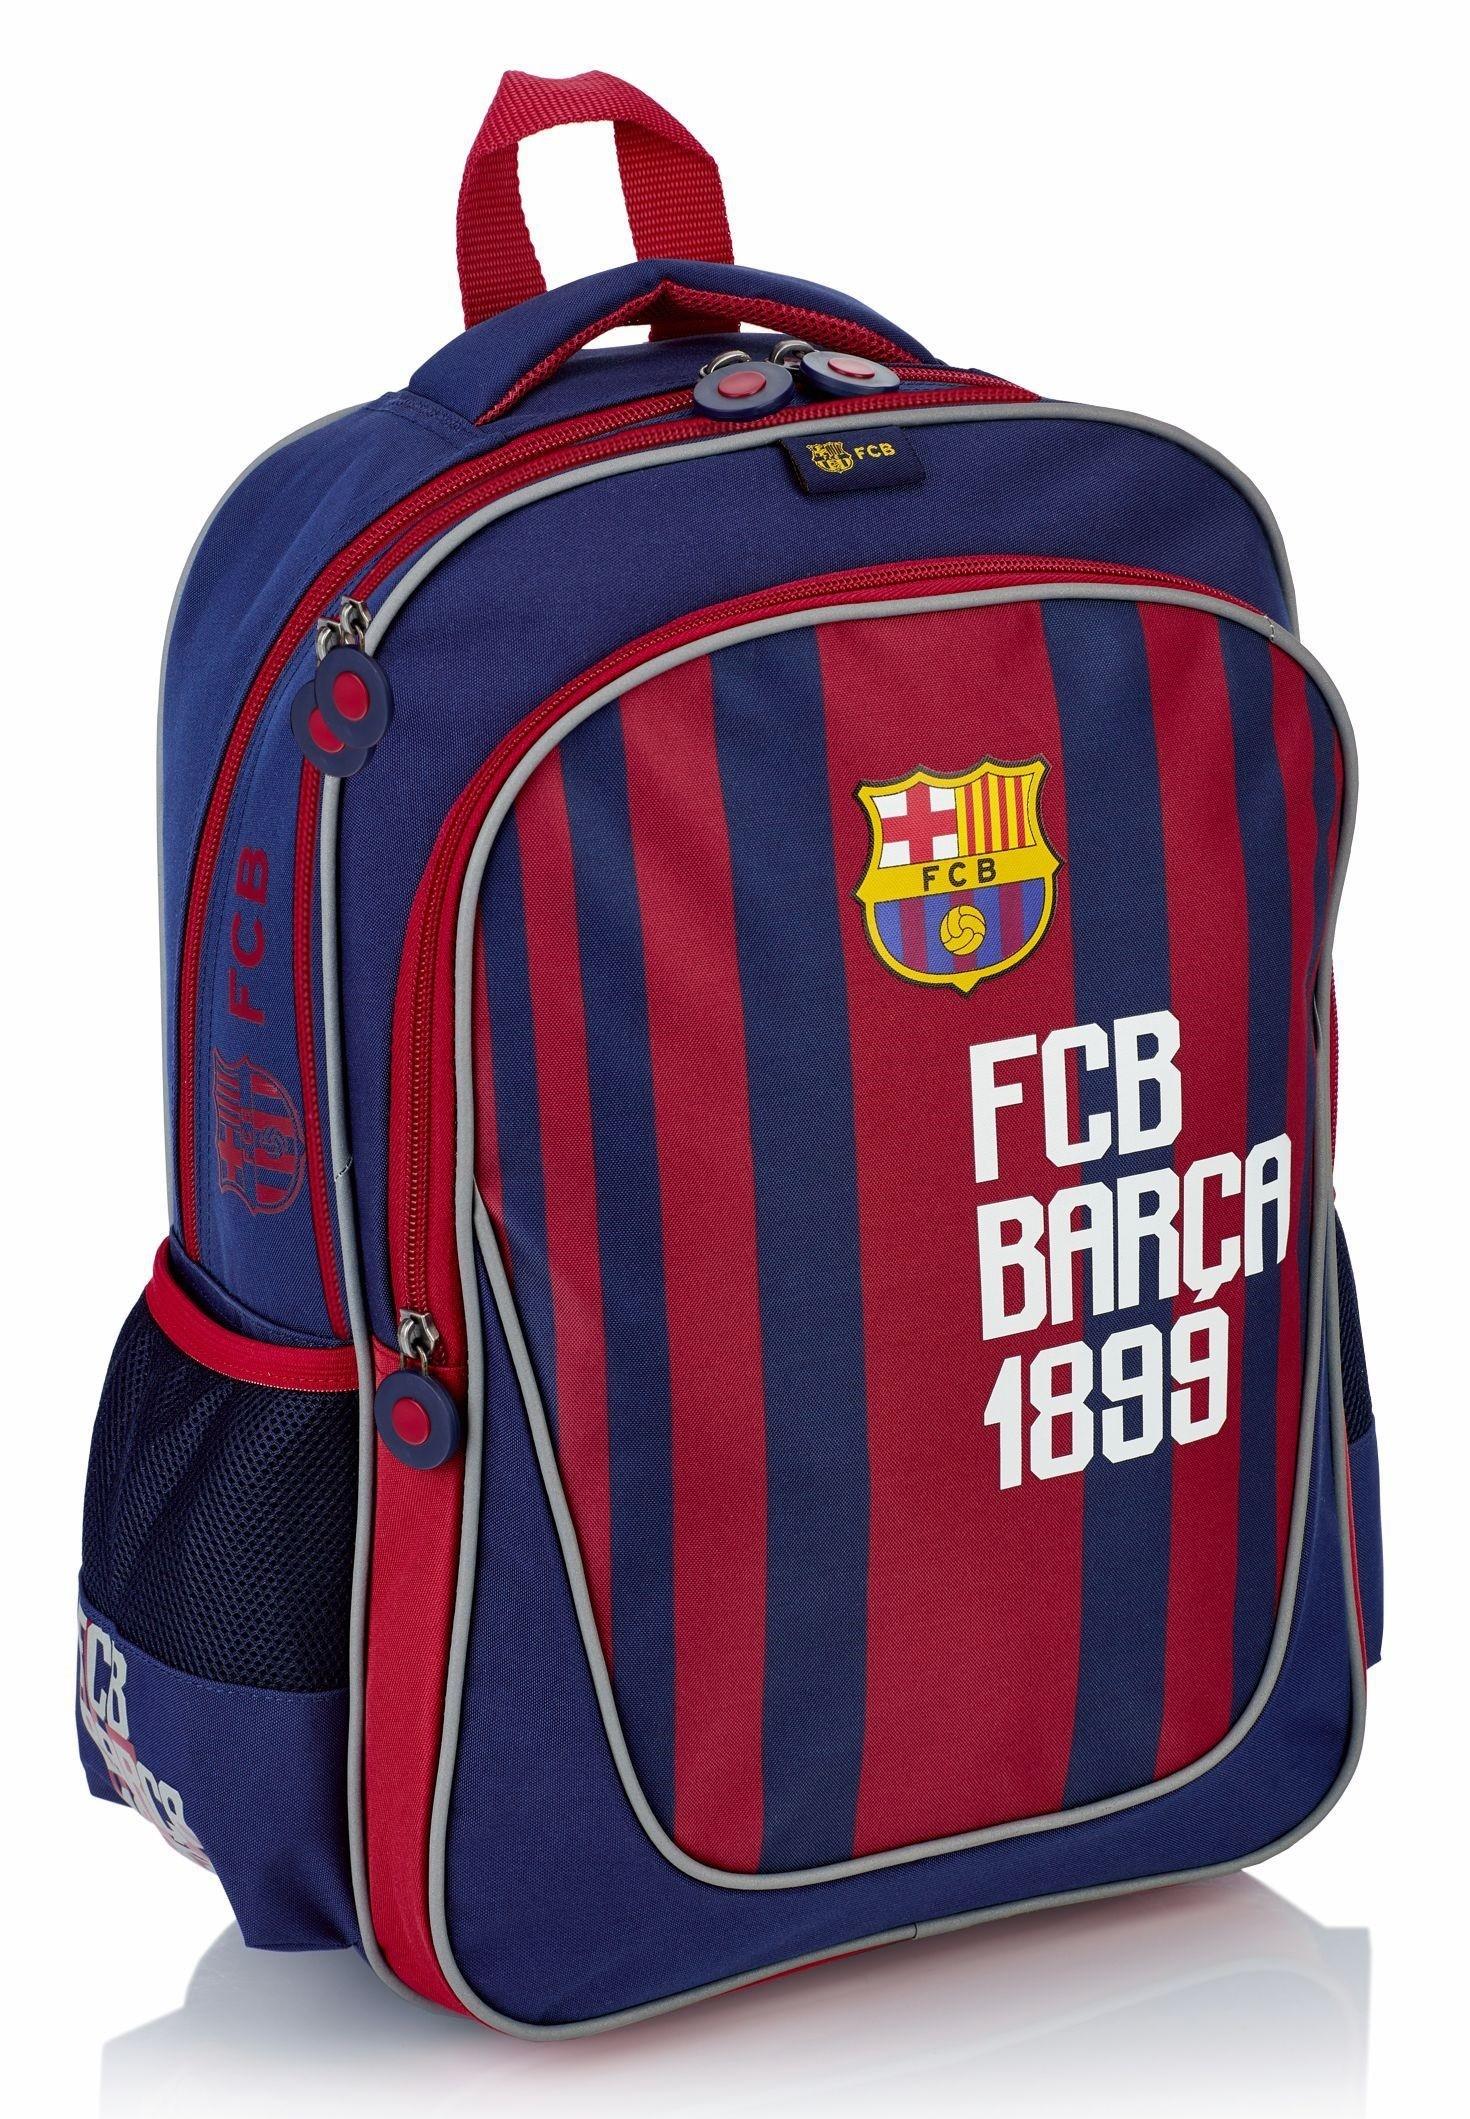 Plecak szkolny FC Barcelona dla chłopca do pierwszej klasy